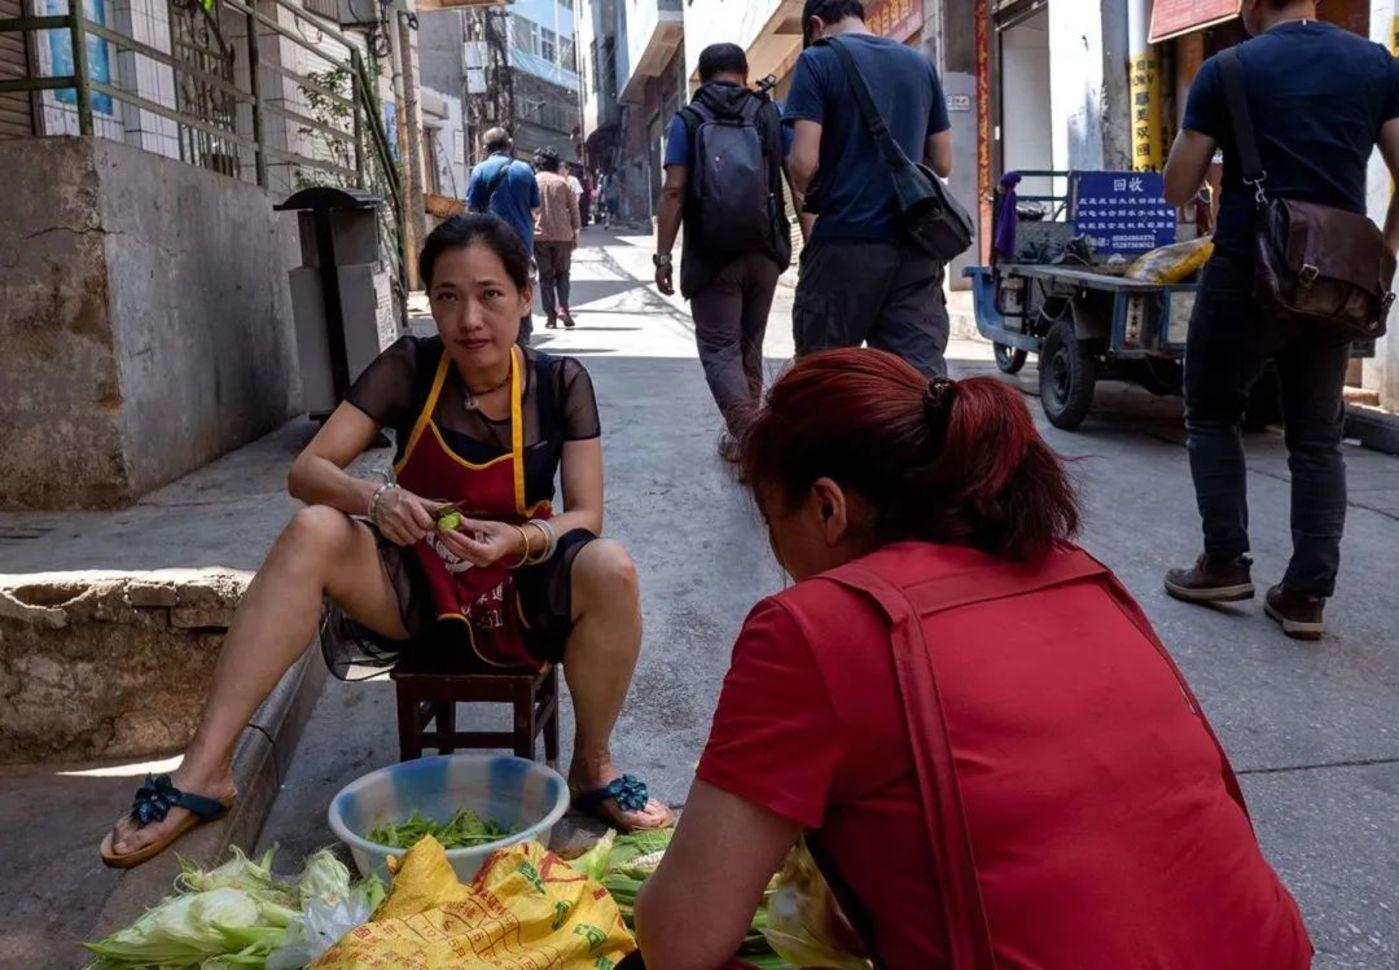 个旧街头准备晚餐的妇女,图片来源:沈少雄 摄